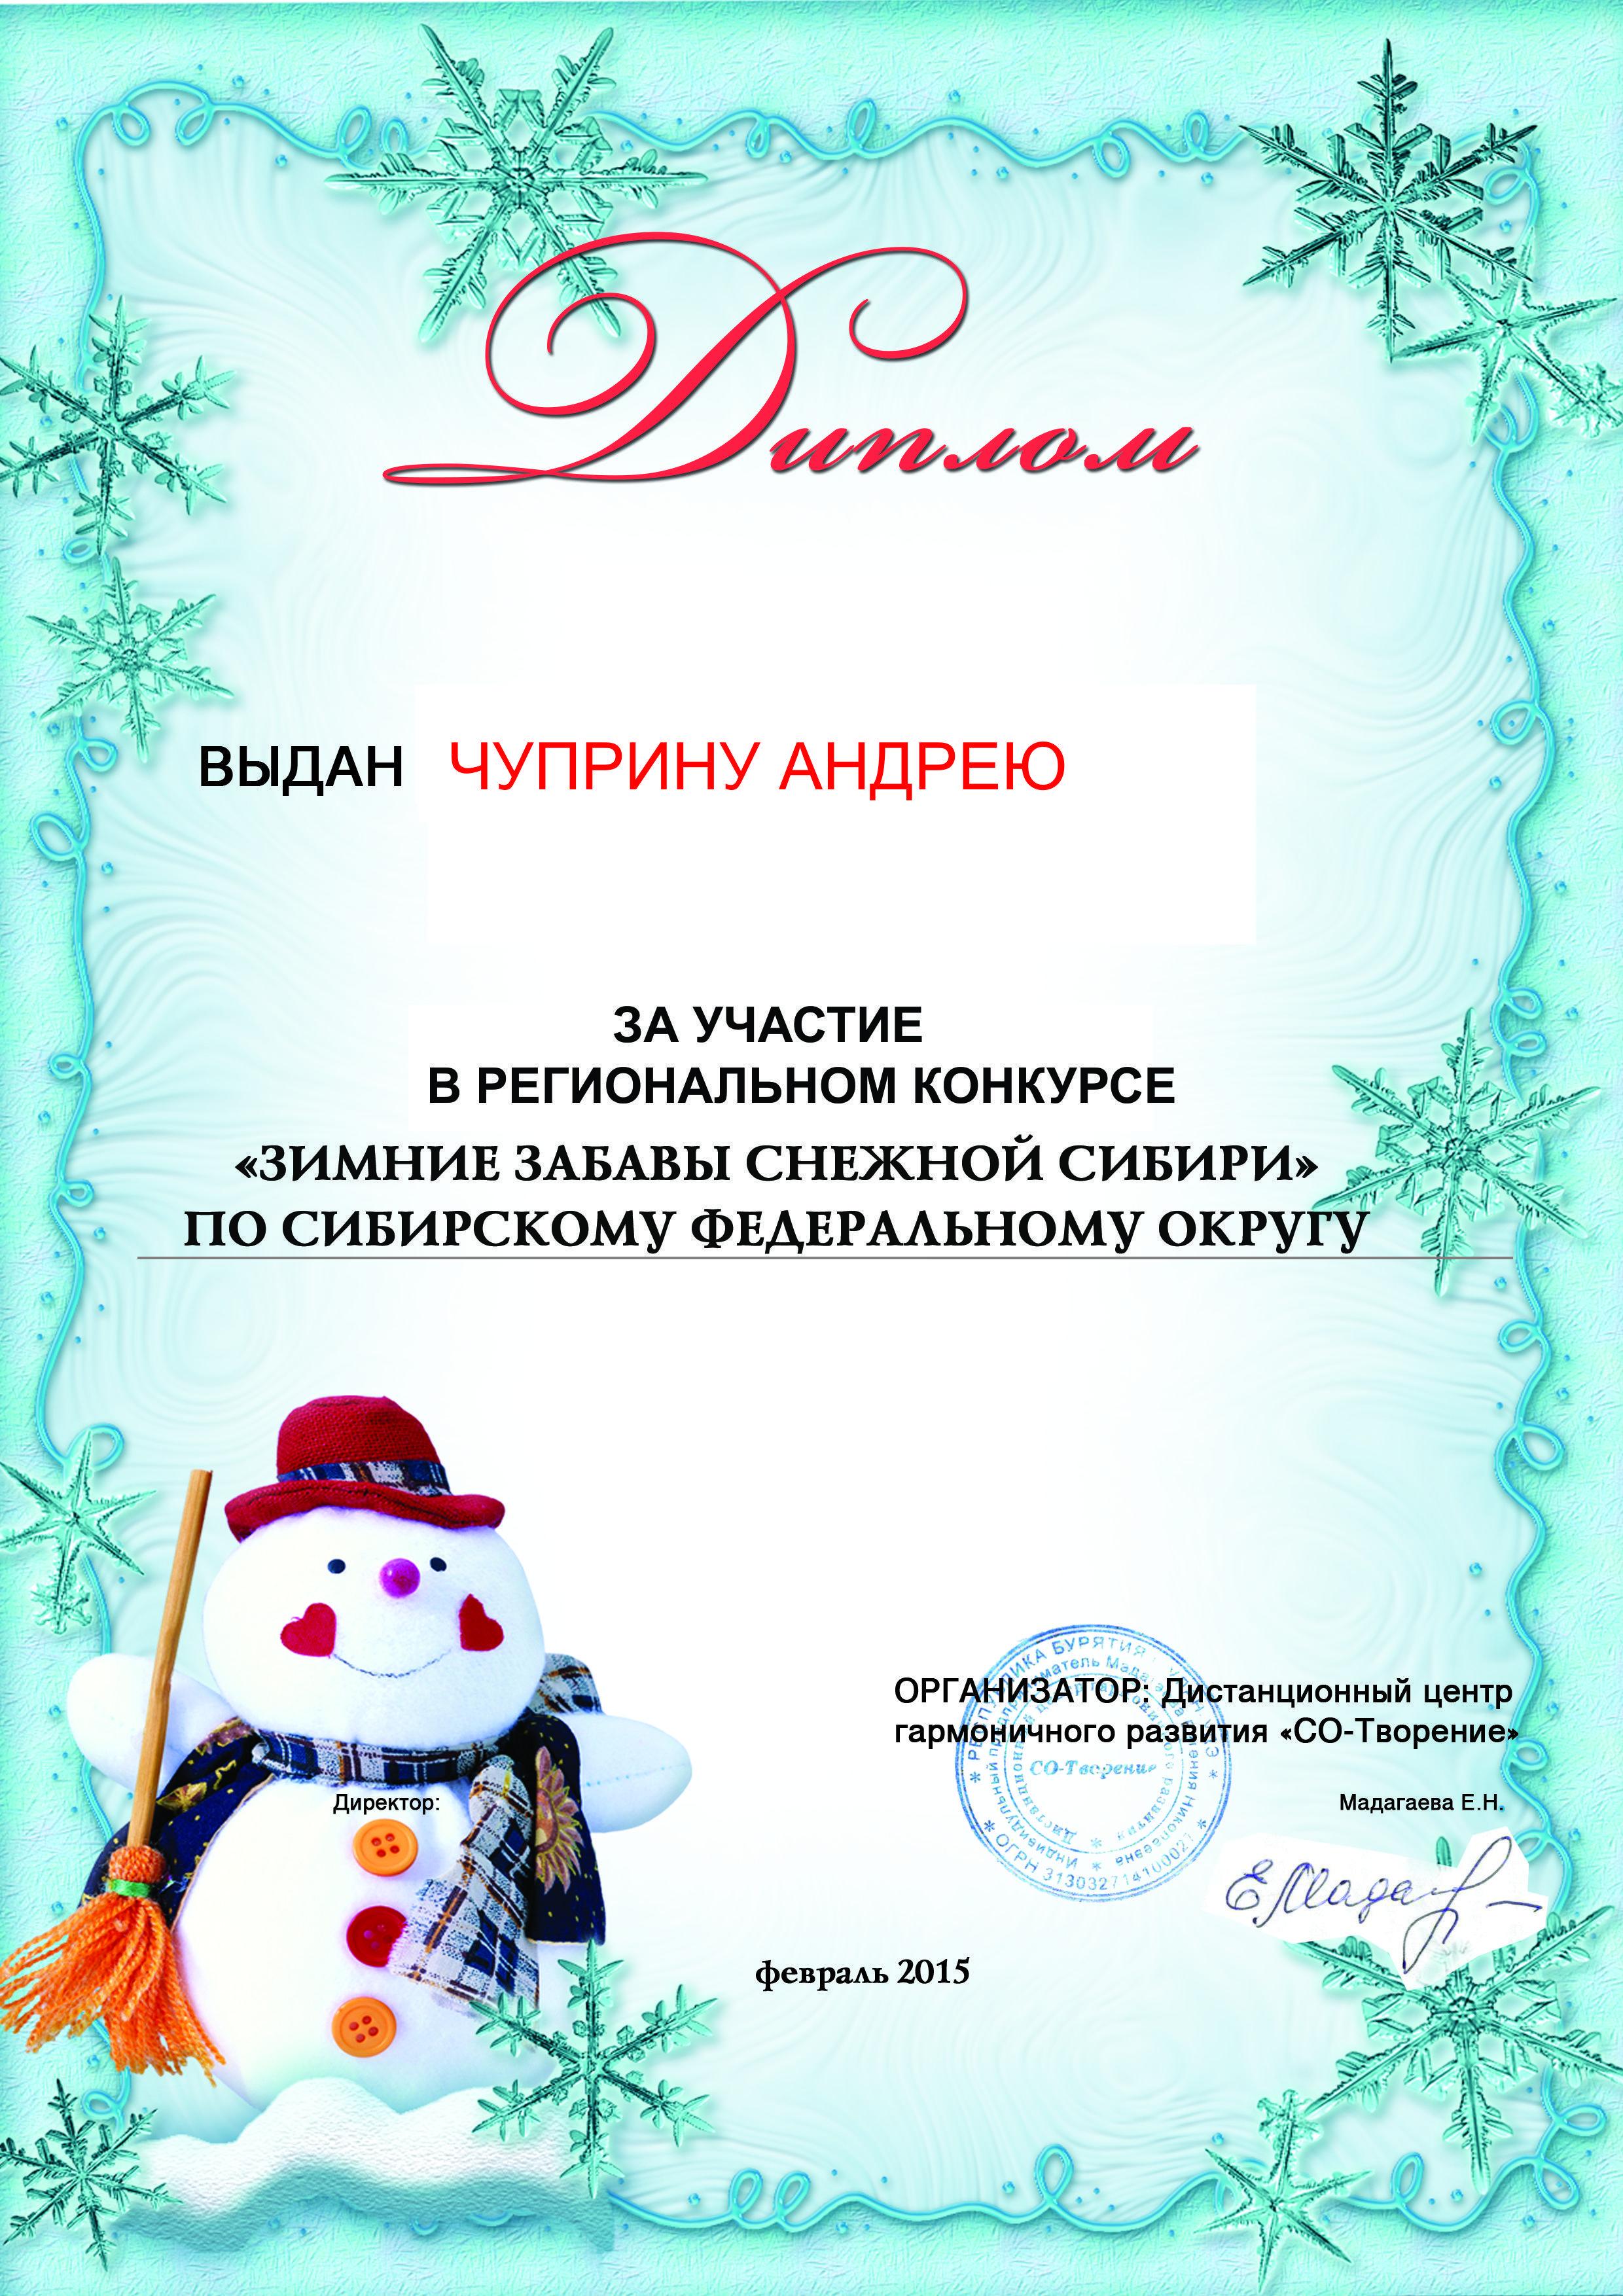 Конкурс снежная фантазия тоипкро